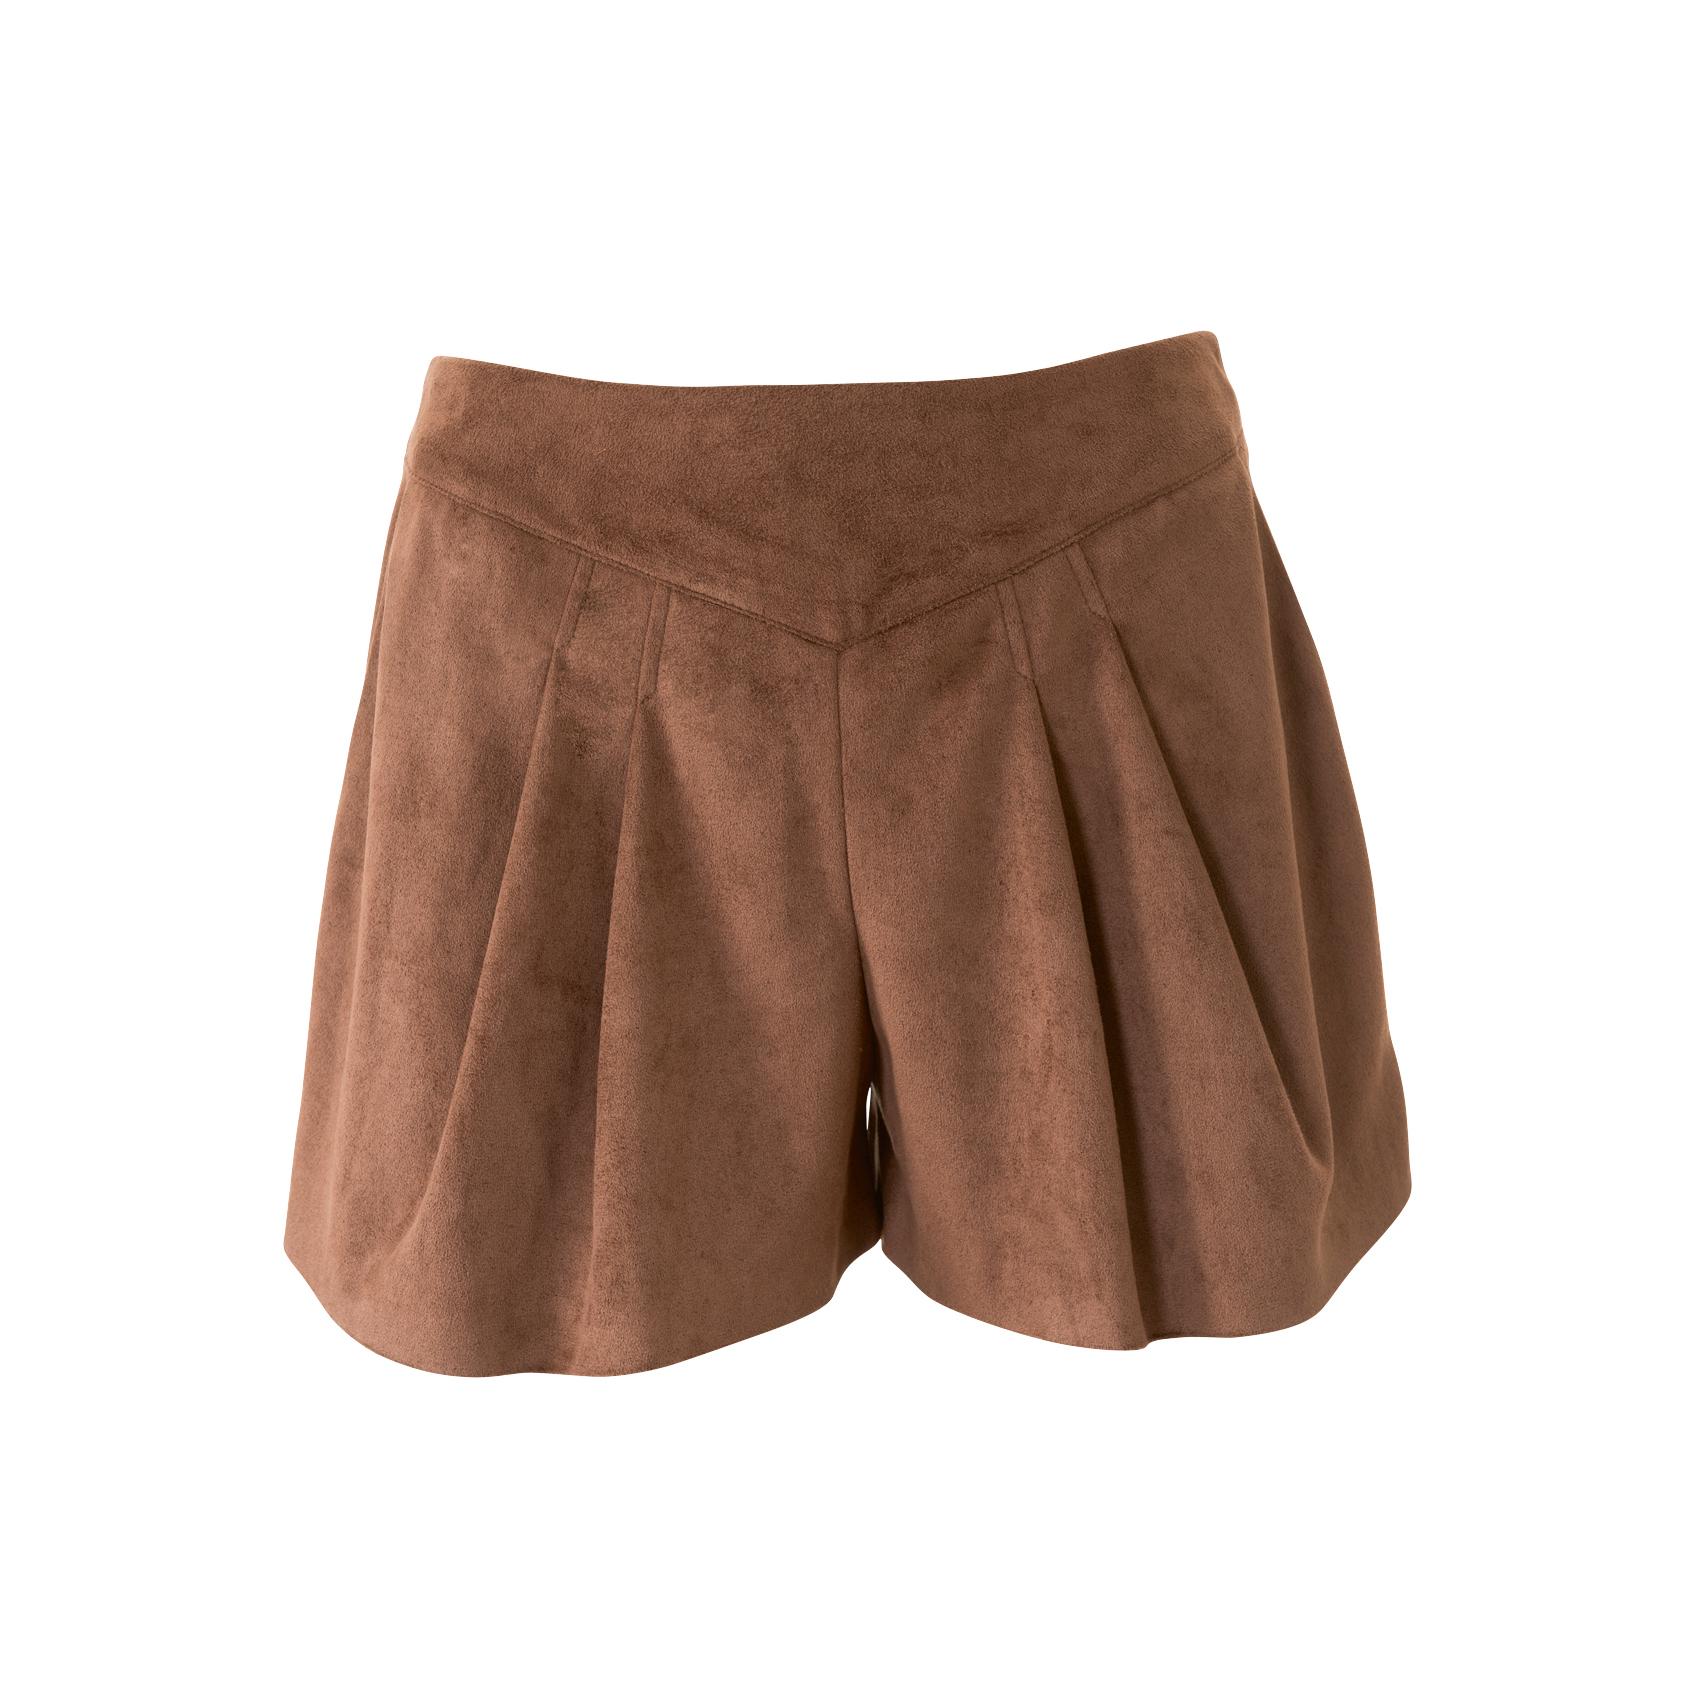 Выкройка юбки из замши